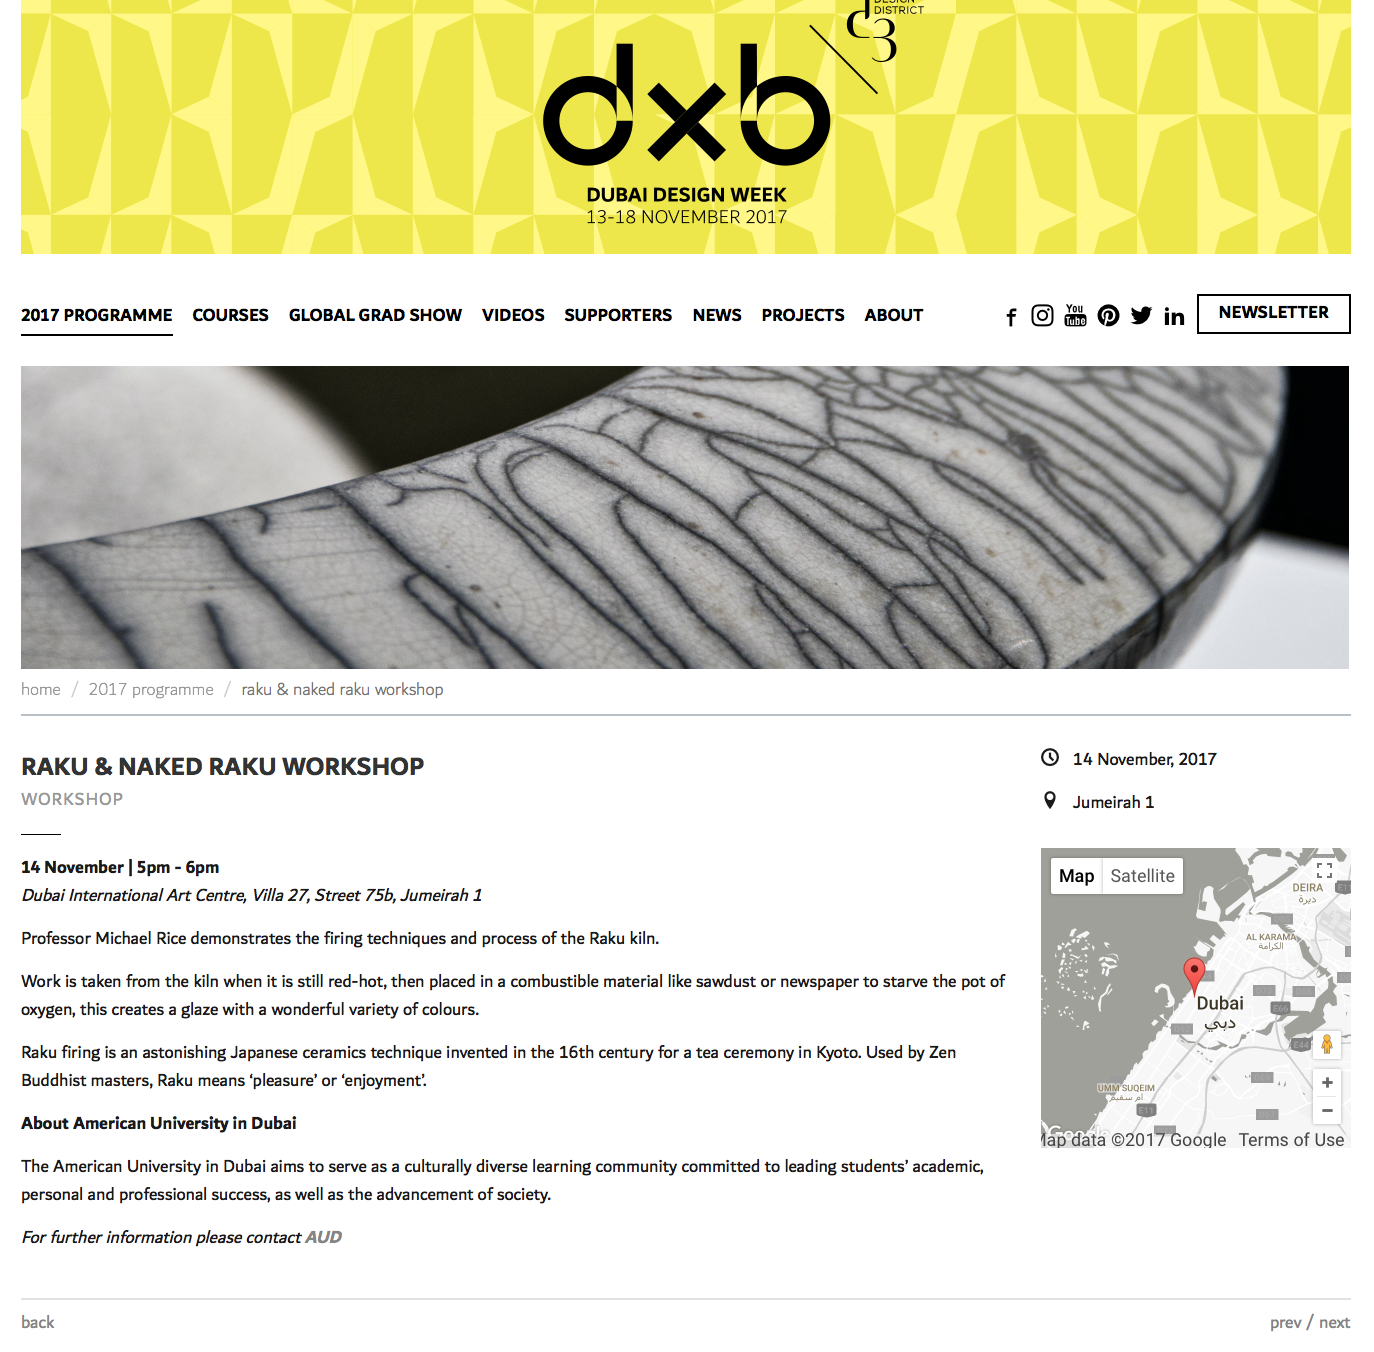 Demonstrating the Raku Kiln during Dubai Design Week 2017